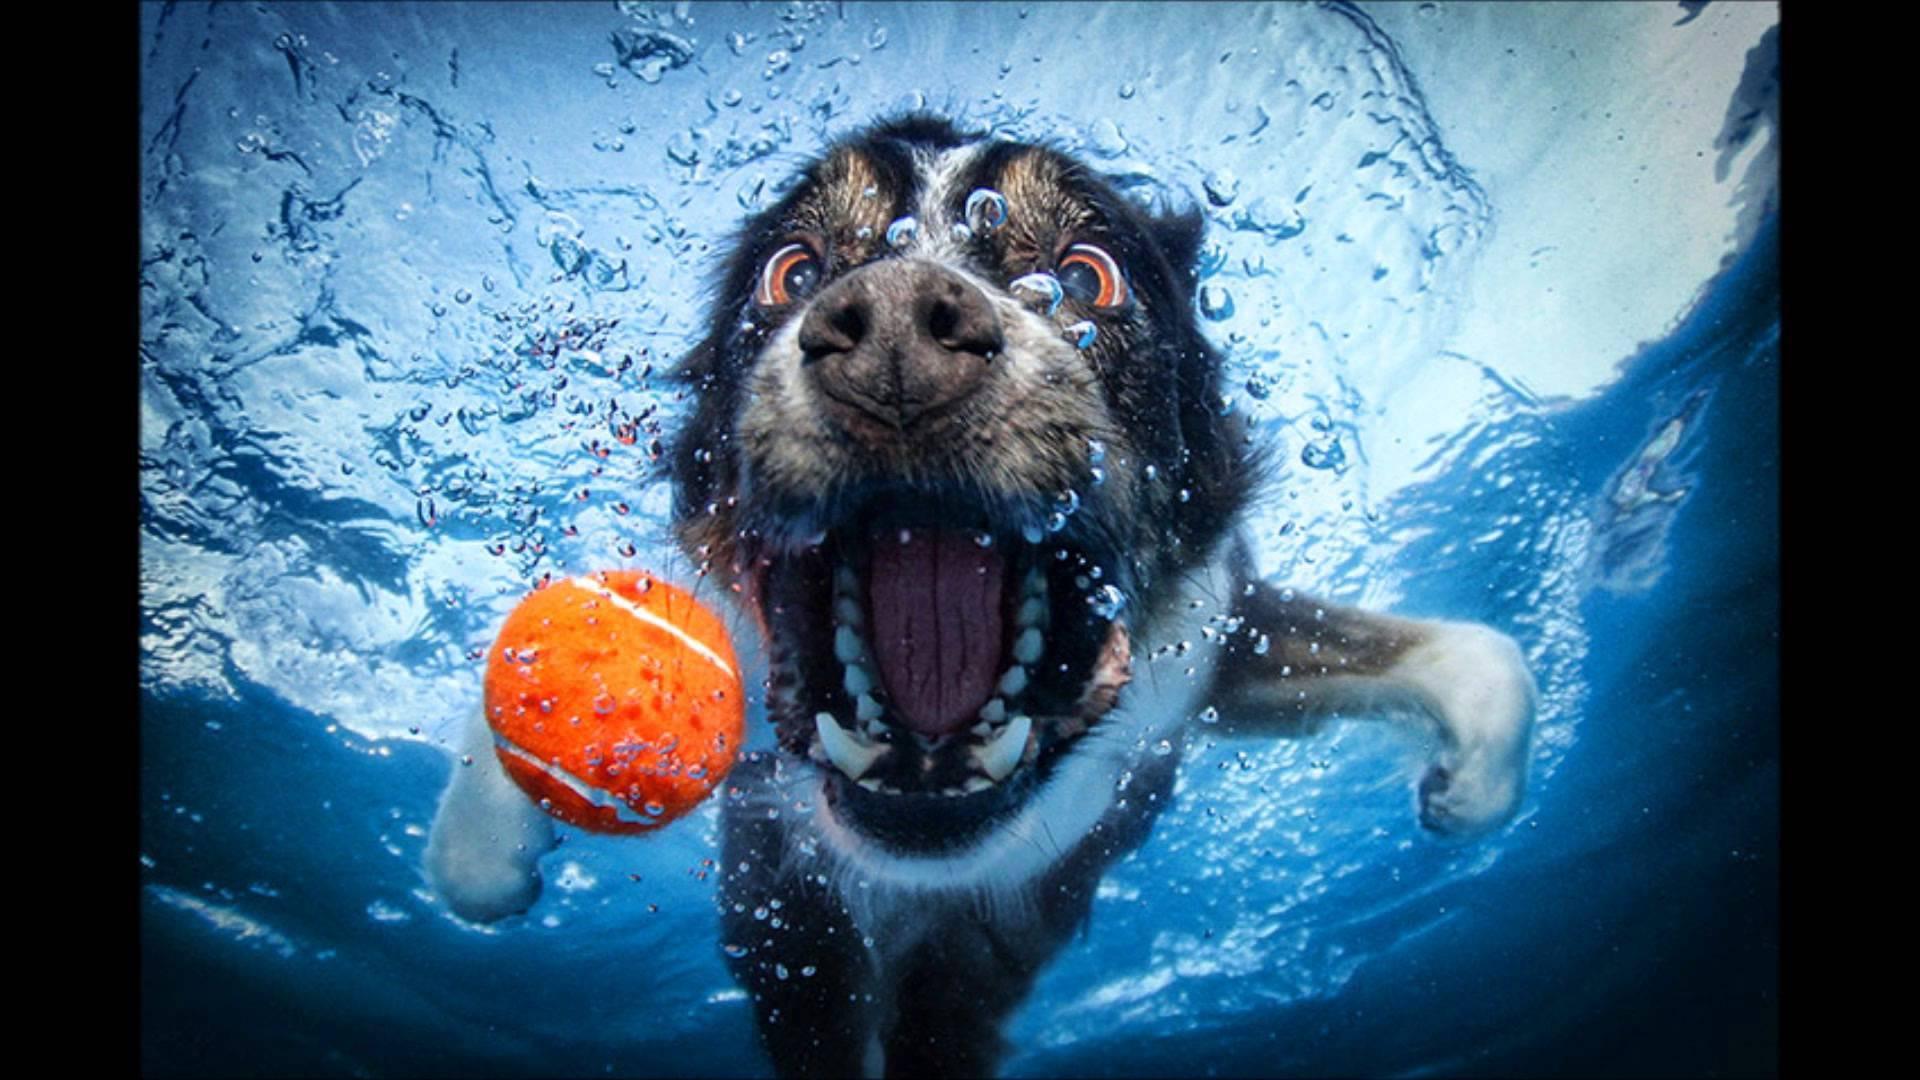 Woofland - Το τέλειο πάρκο μέσα από τα μάτια ενός σκύλου - Γουφαμάρες 3β